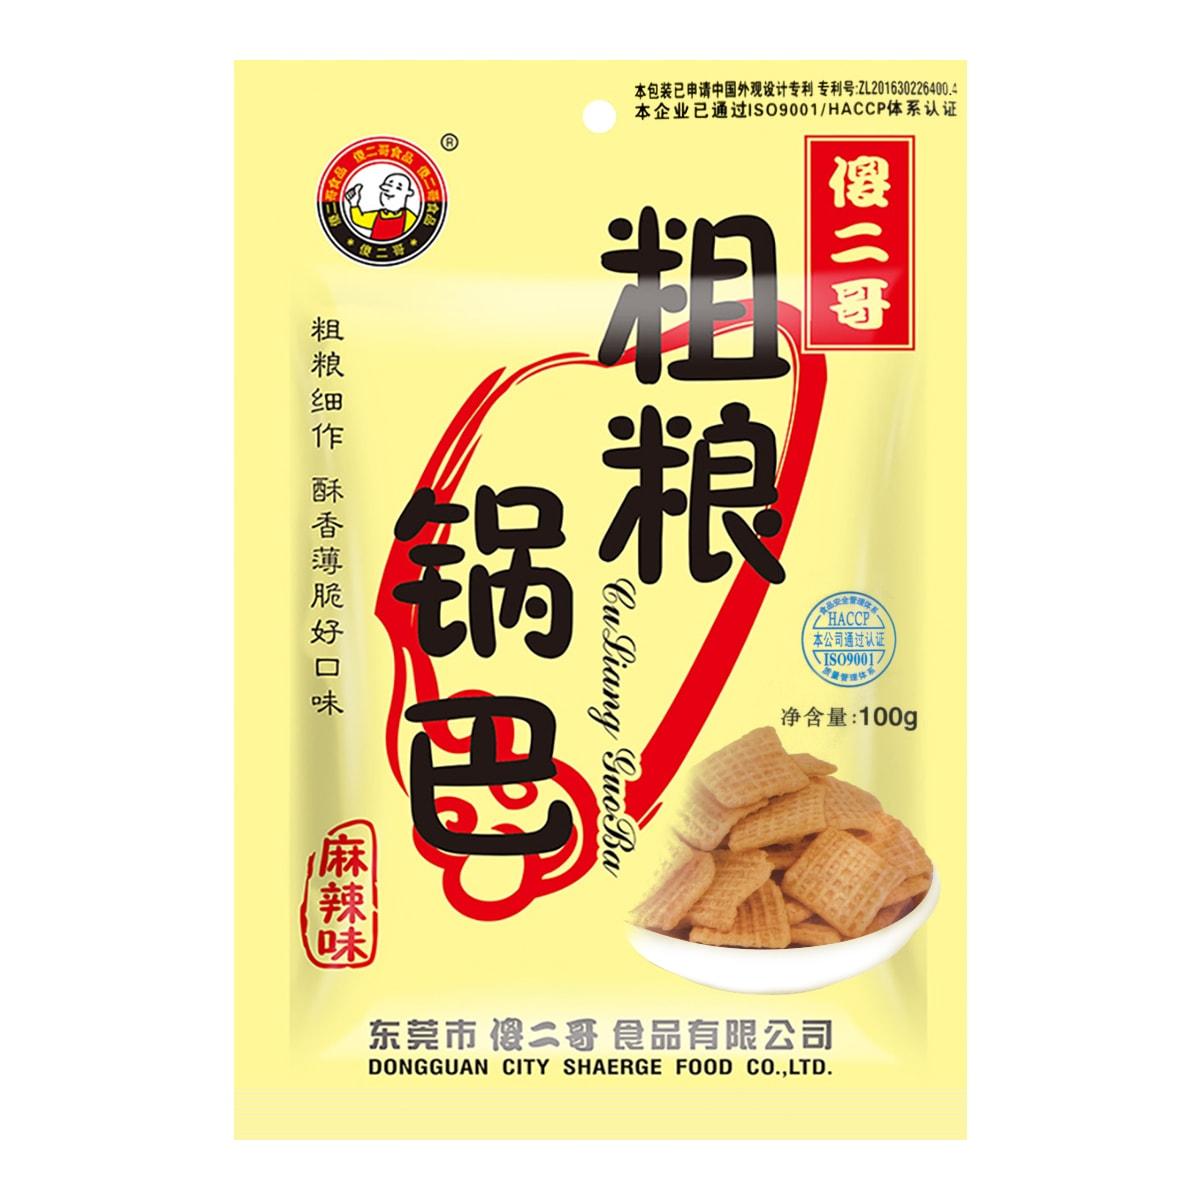 傻二哥 传统工艺 粗粮锅巴 麻辣味 100g